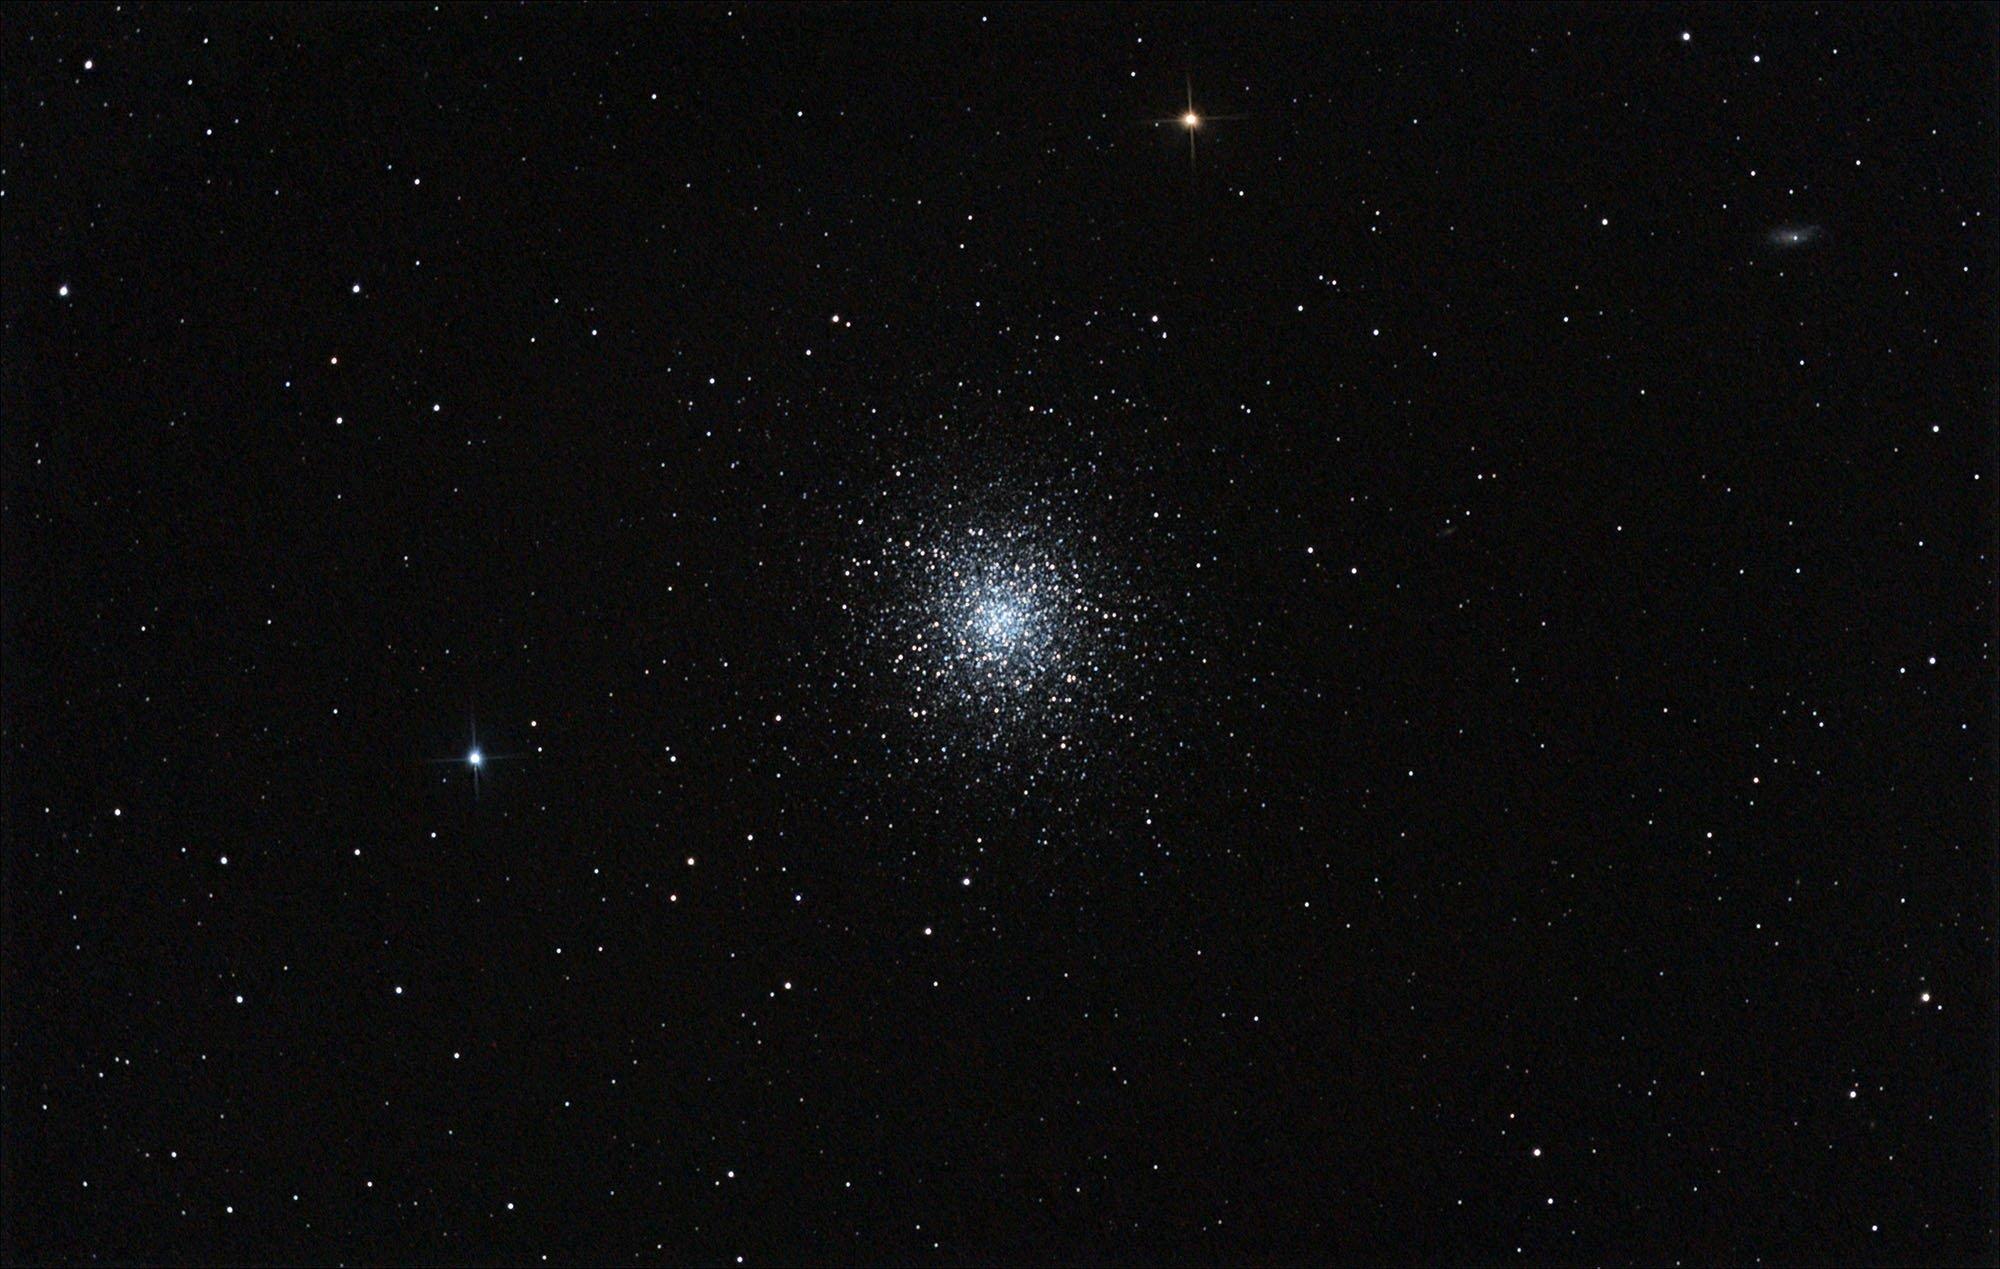 Le grand amas d'Hercule ou Messier 13